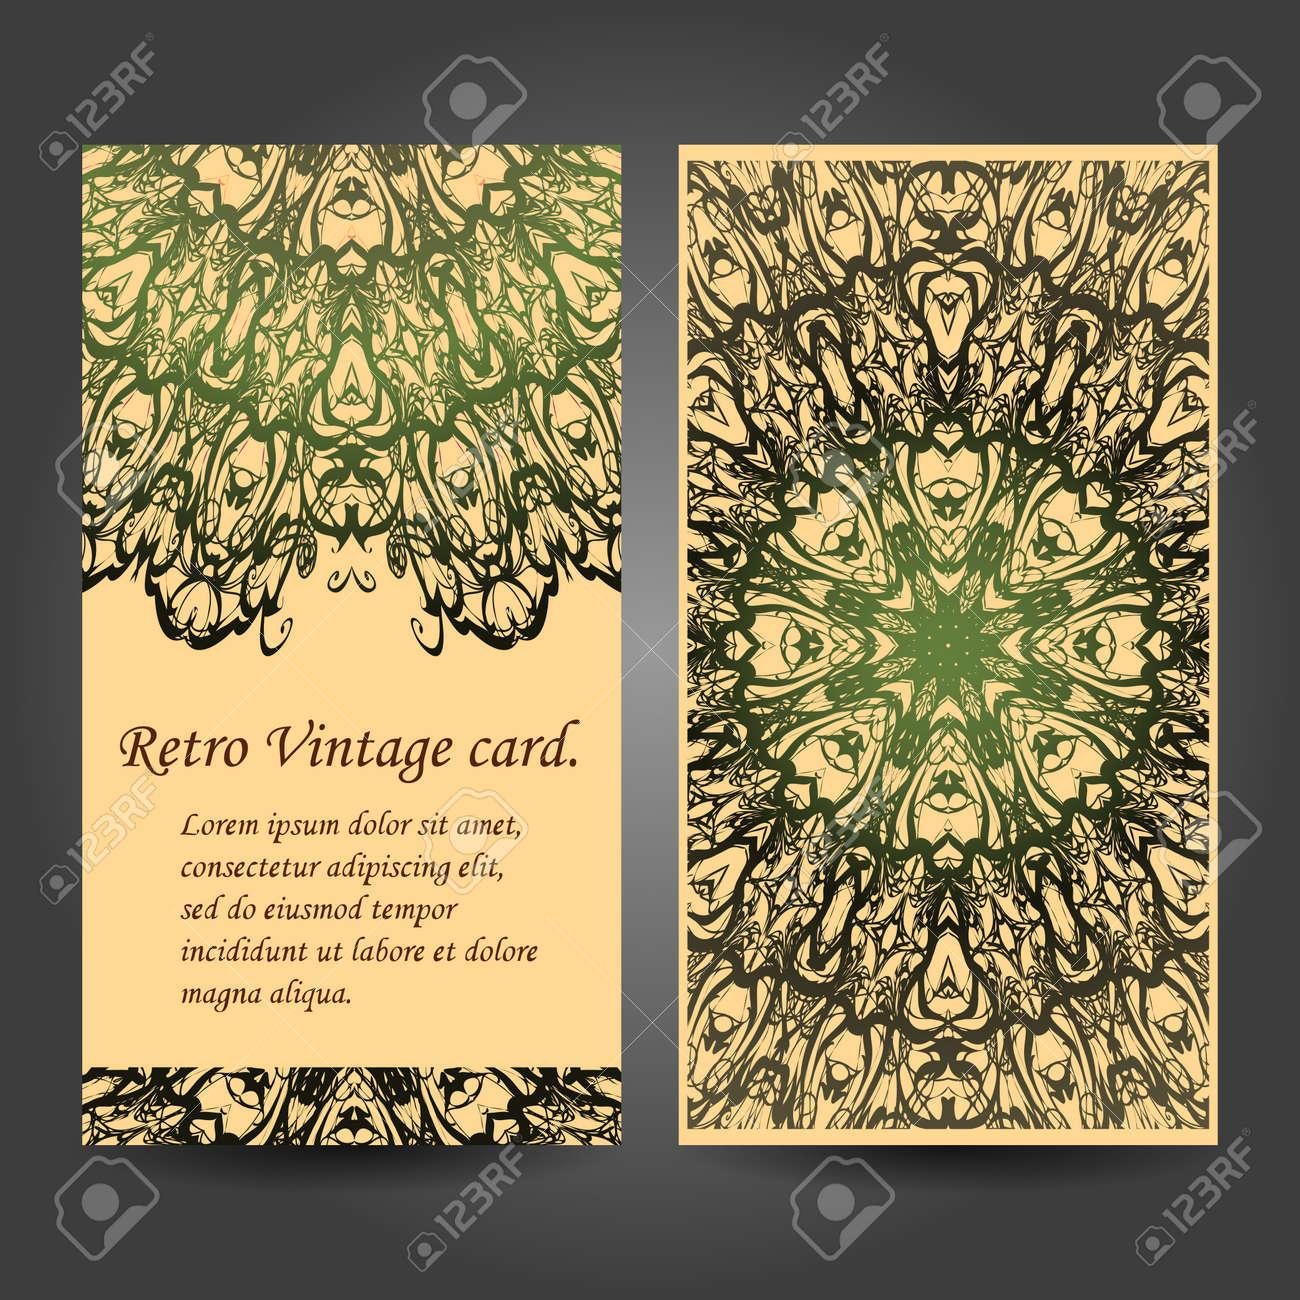 Establecer Tarjeta De Visita Retro Vector De Fondo Tarjeta O Invitación Elementos Decorativos Vintage Dibujado A Mano De Fondo Islam árabe